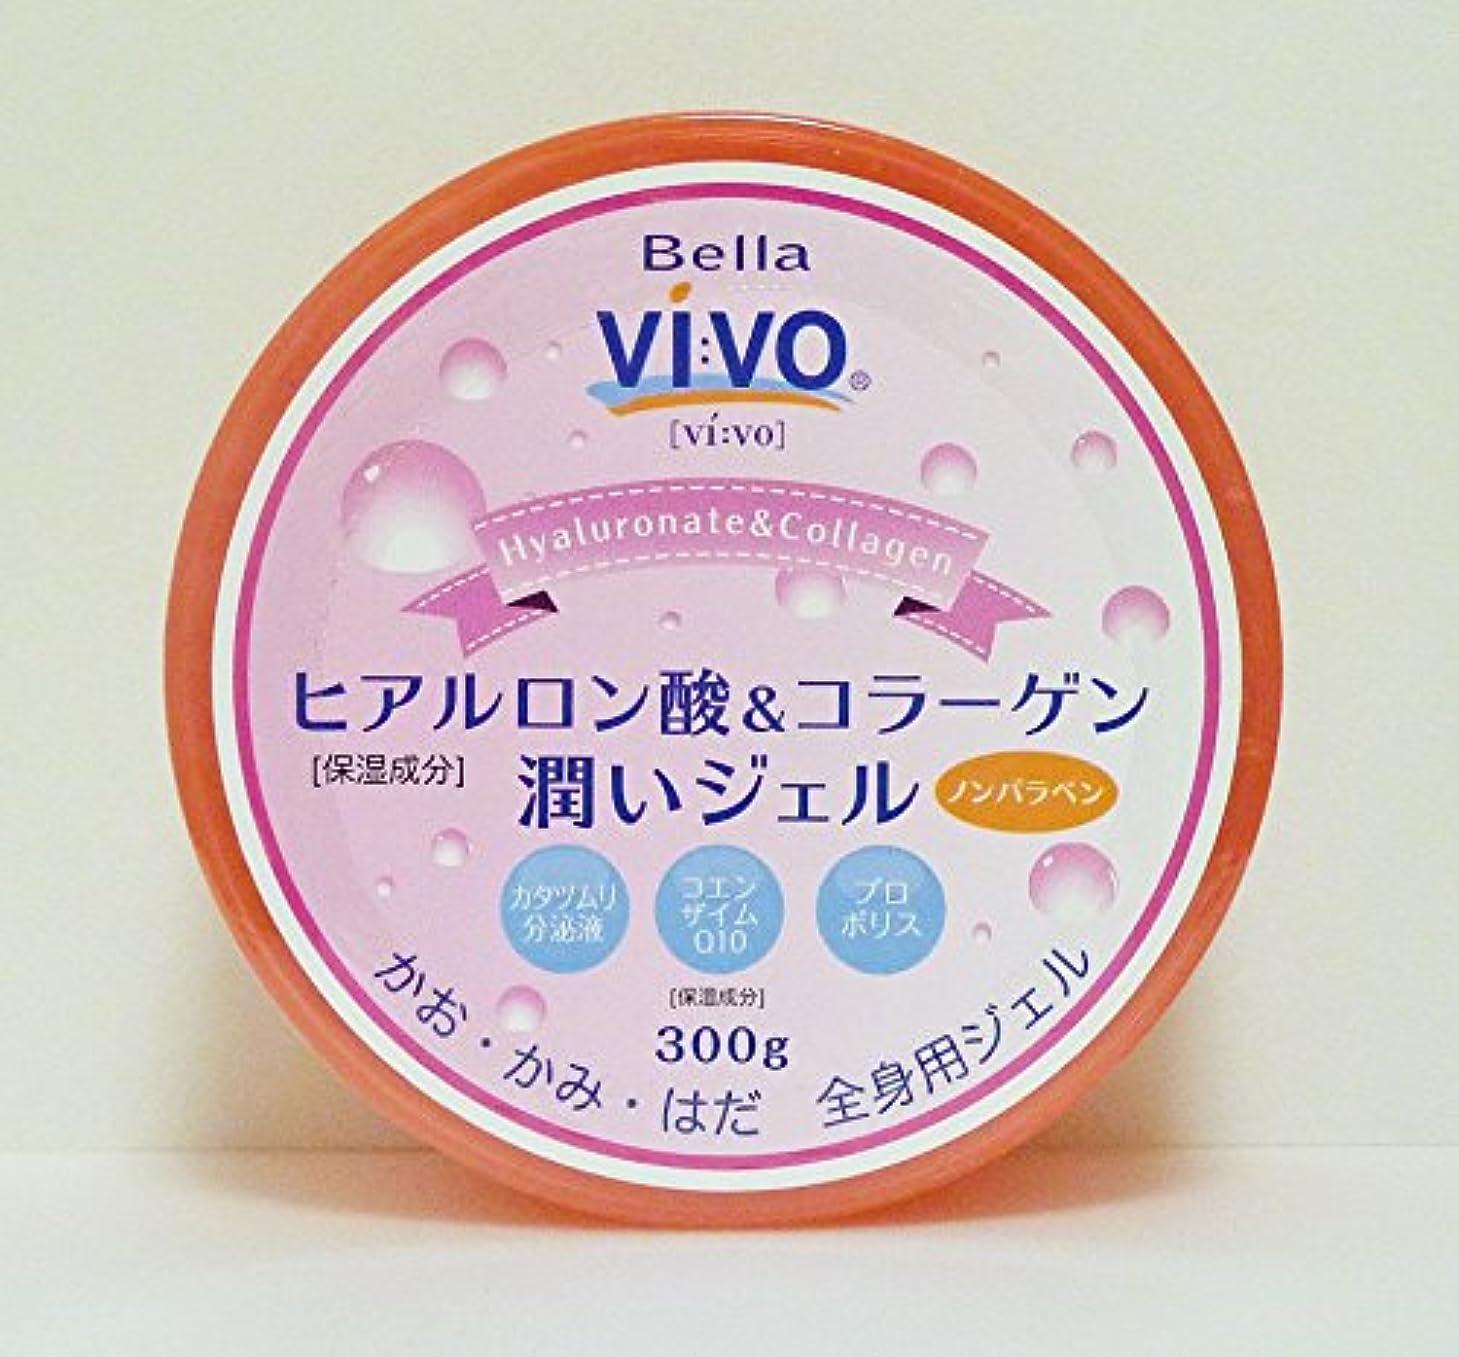 思慮深いおとこ顧問全身用保湿ジェル Bella Vivoヒアルロン酸&コラーゲン潤いジェル たっぷり300g 元気プロジェクト